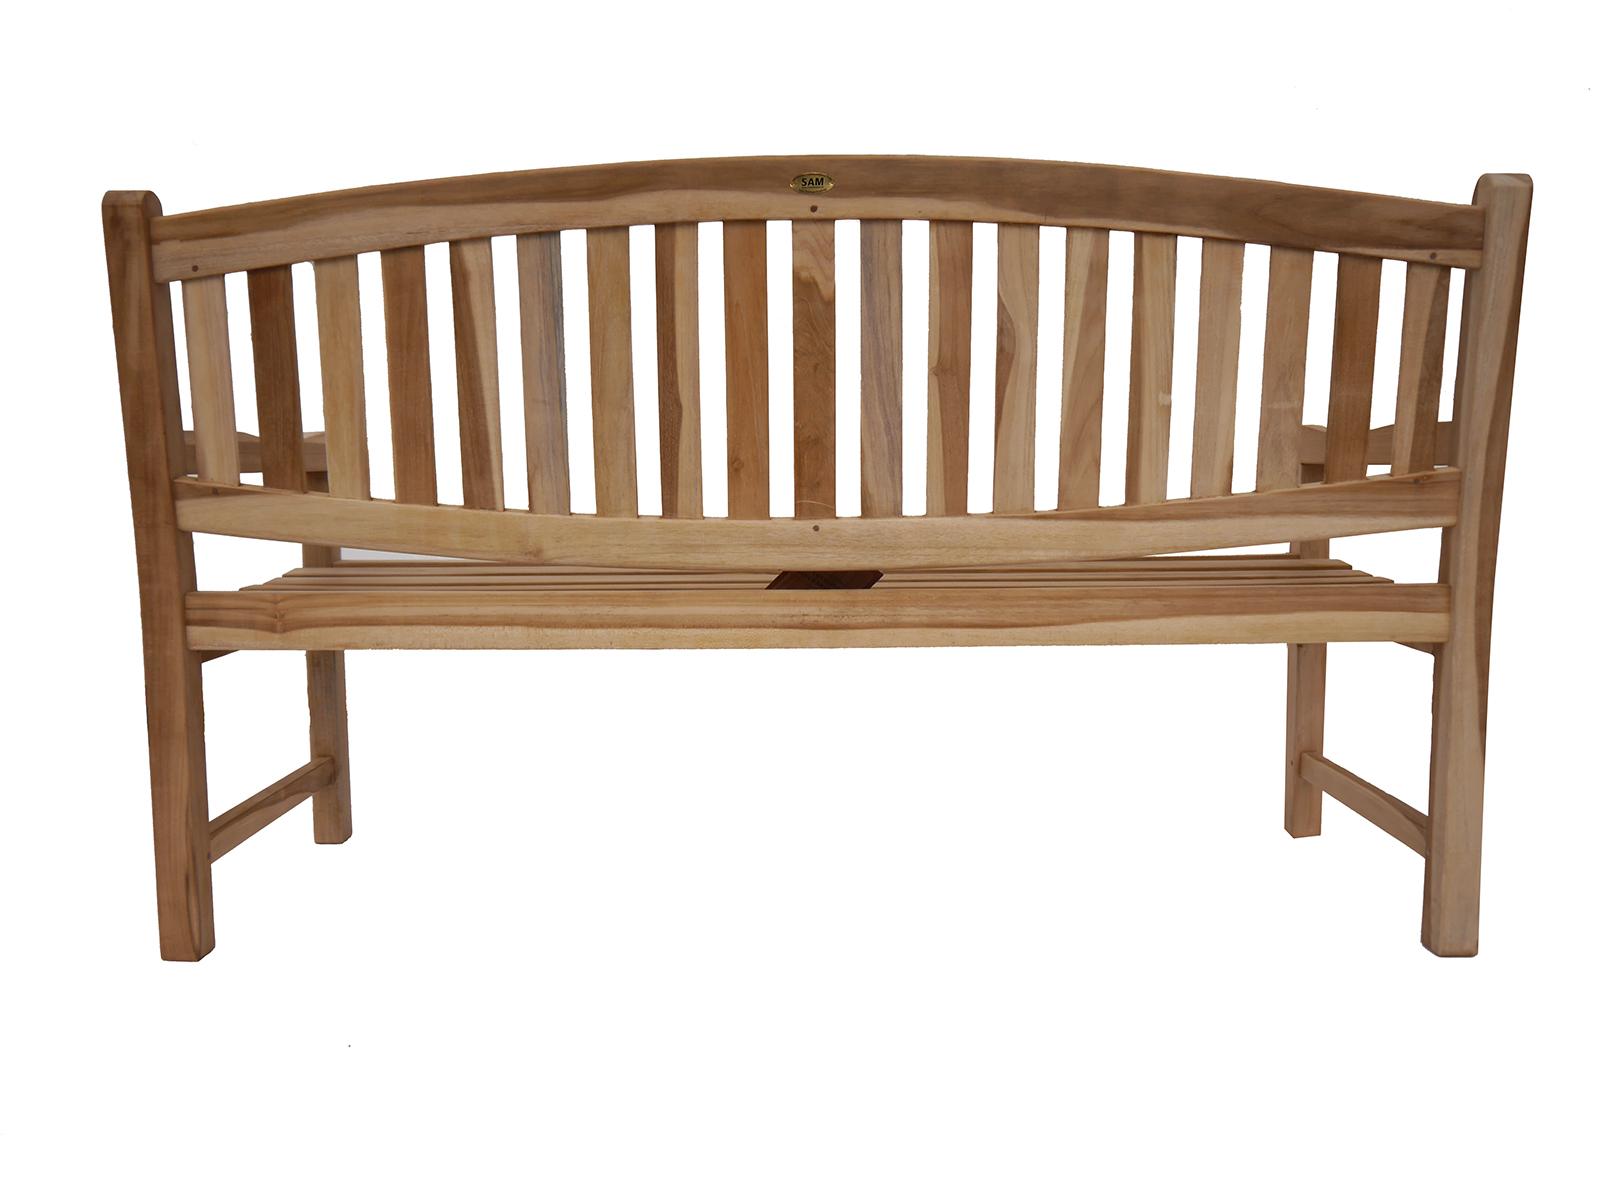 sam teak 3 sitzer gartenbank 160 cm oregon auf lager. Black Bedroom Furniture Sets. Home Design Ideas